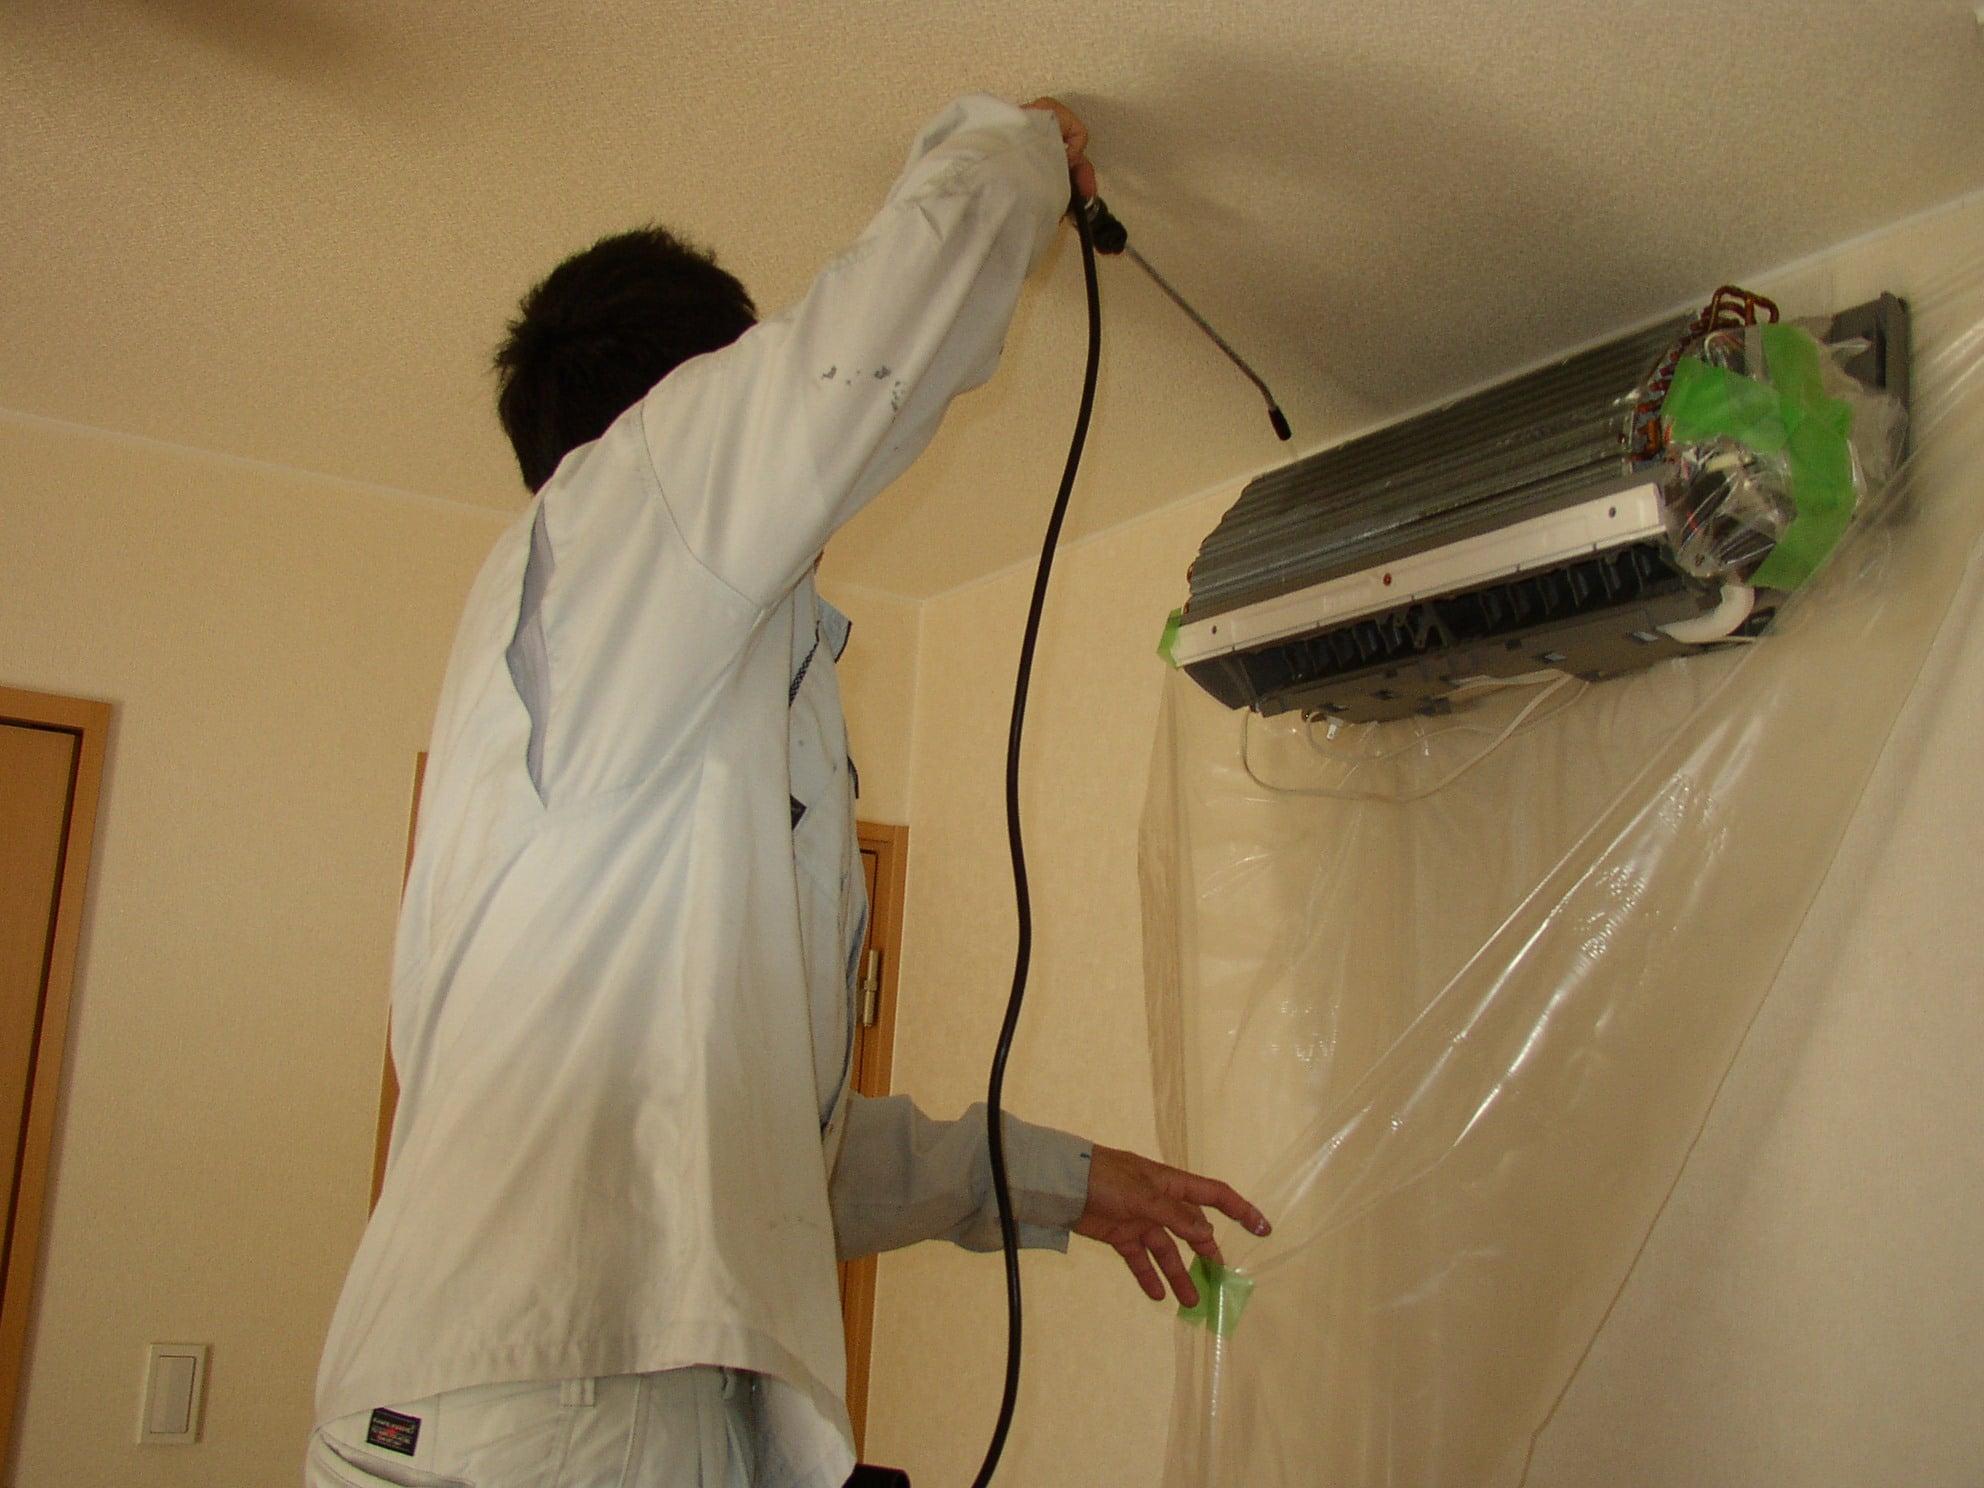 オンライン相談 【全国対応可】エアコン修理やエアコン工事について。【相談実質無料】100pt還元【相談時間無制限】8〜20時事前予約制 エアコンの事なら何でもOK。業務用・家庭用・新築・リフォームのイメージその4